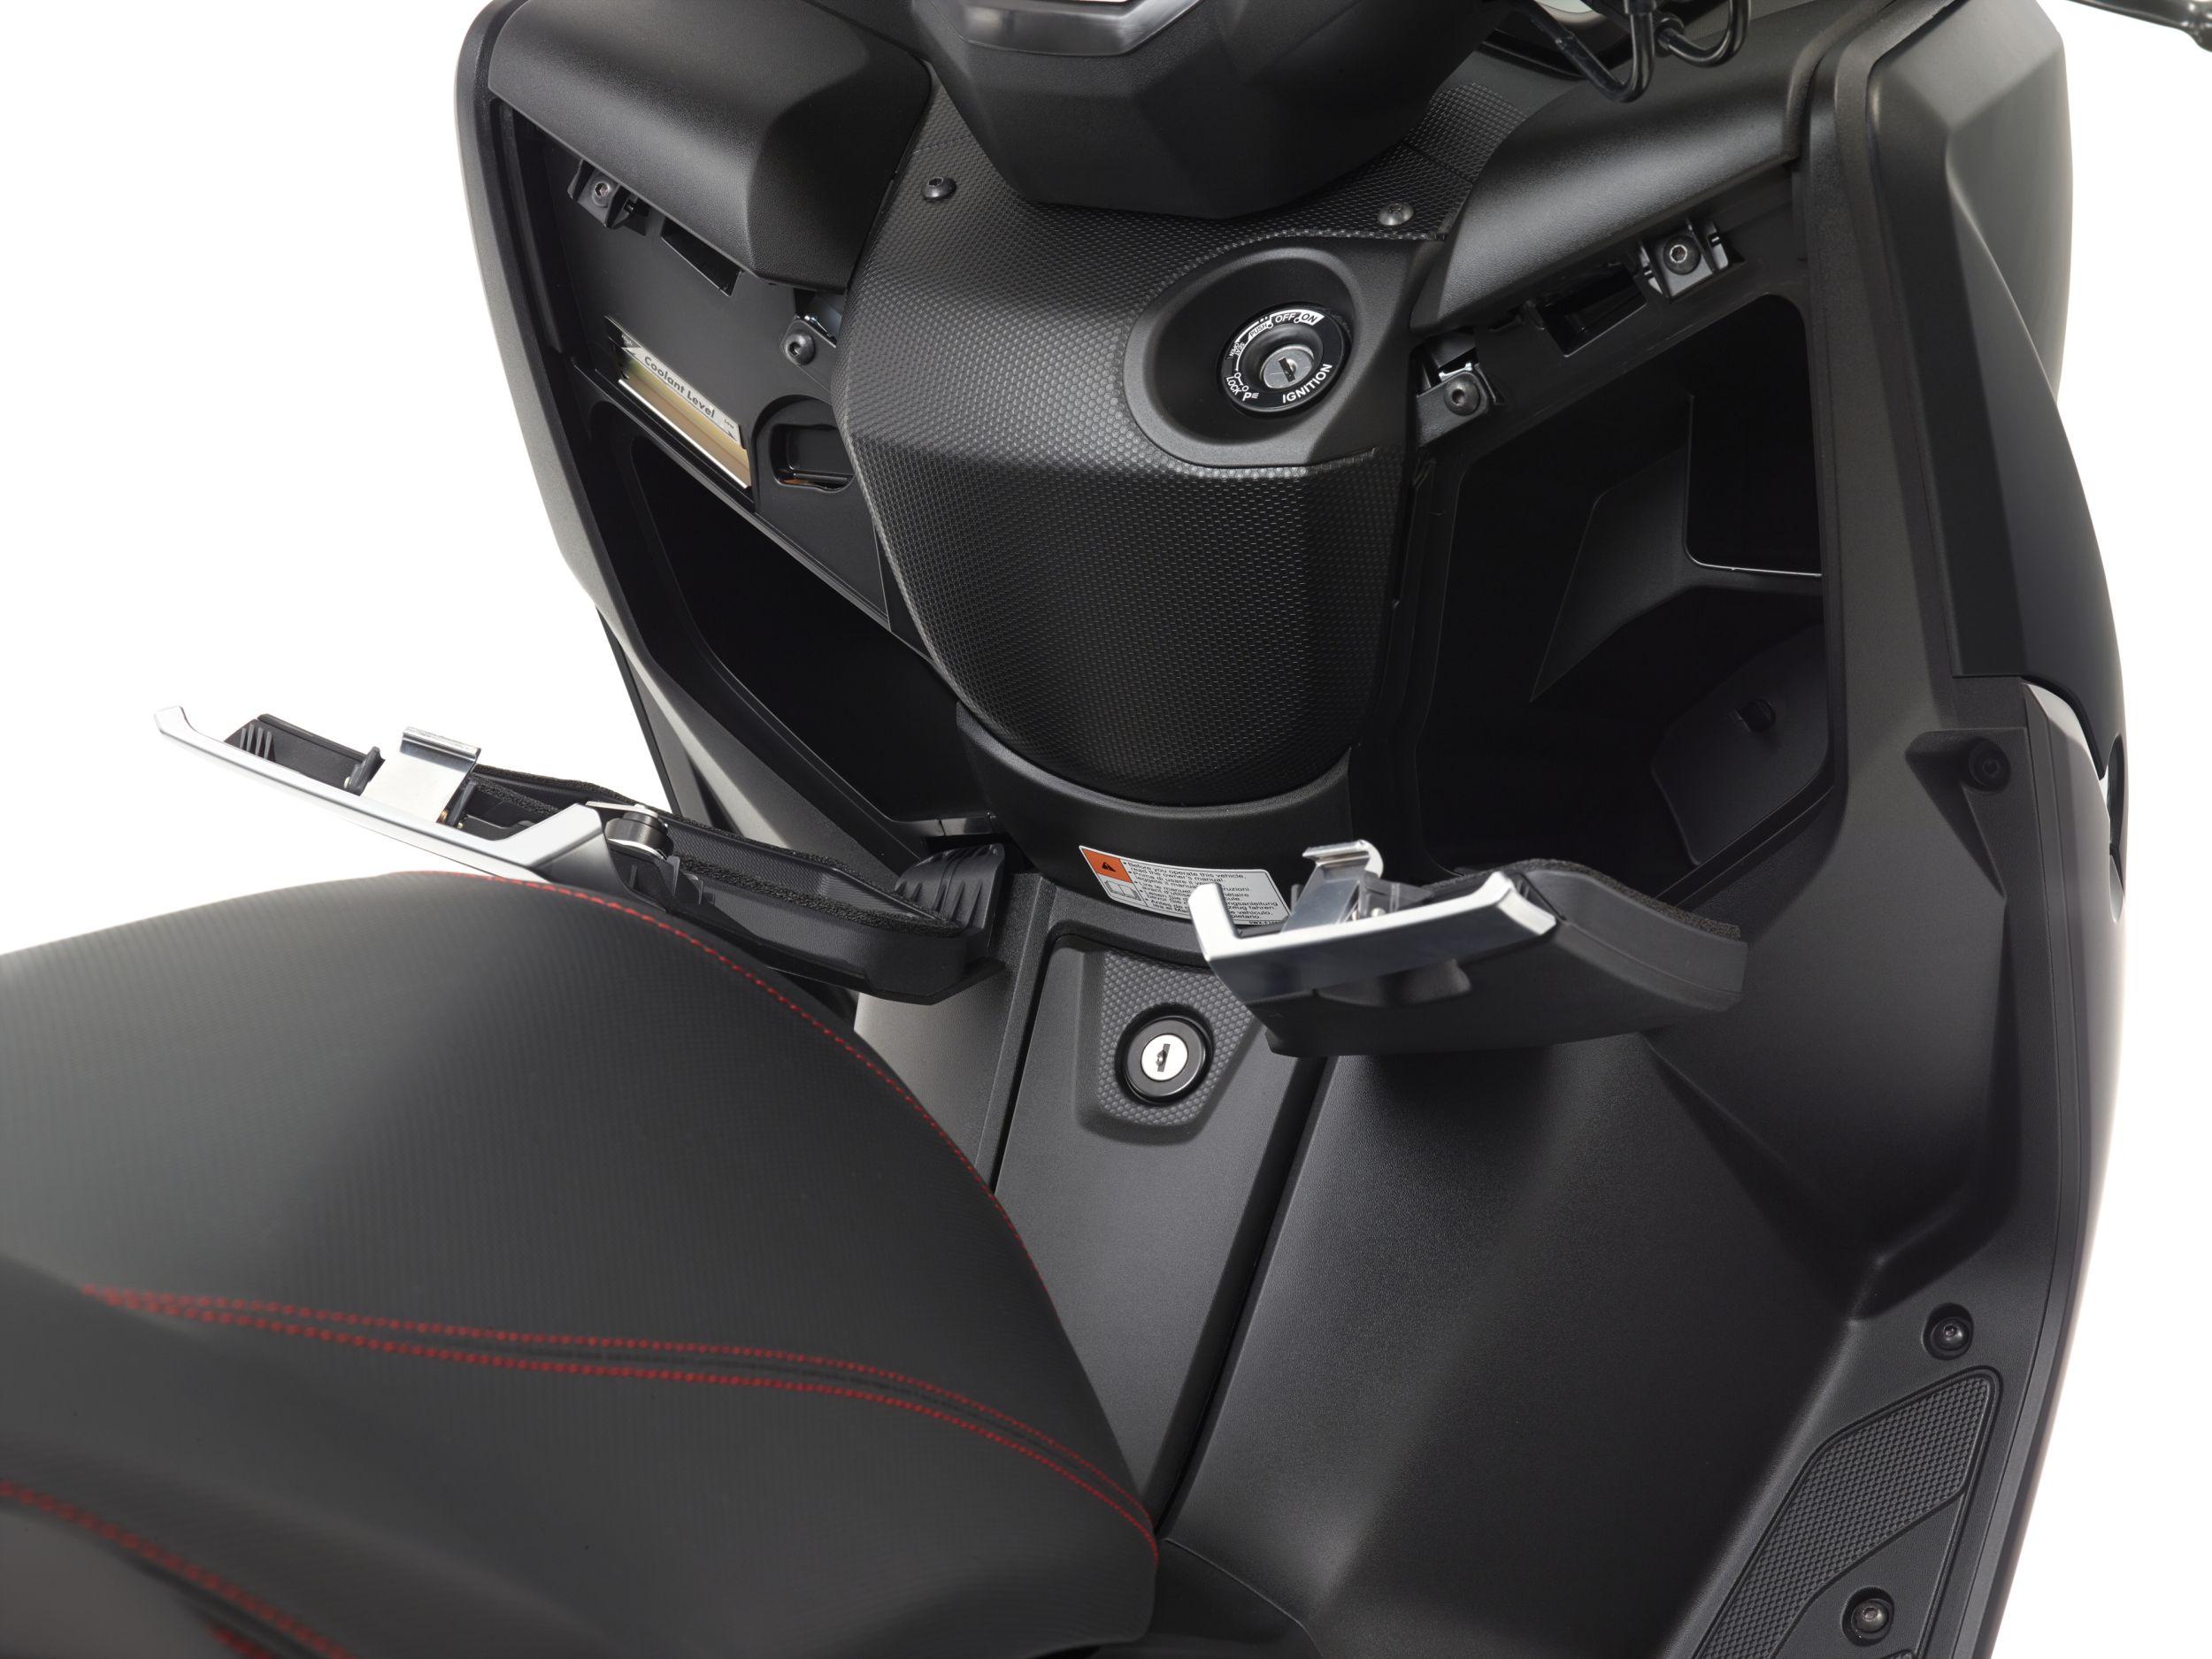 gebrauchte und neue yamaha x max 125 motorr der kaufen. Black Bedroom Furniture Sets. Home Design Ideas